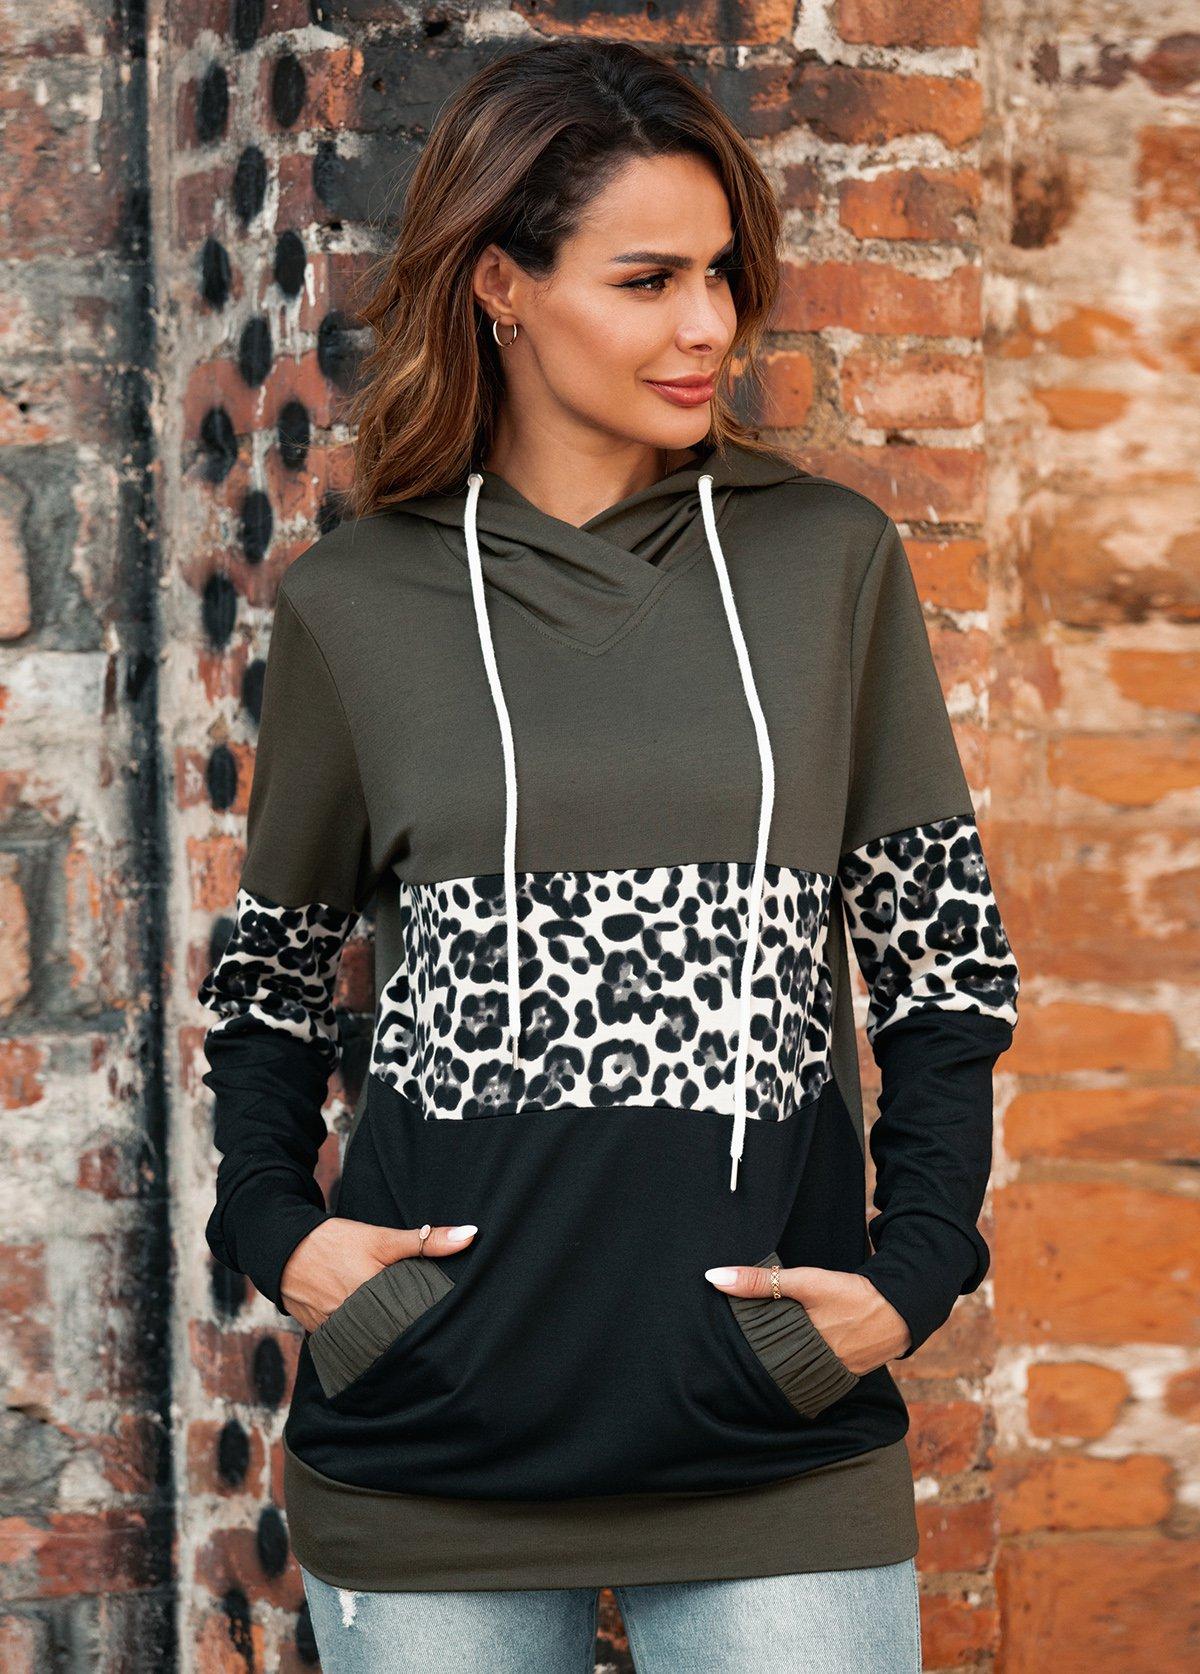 Leopard Print Kangaroo Pocket Contrast Hoodie